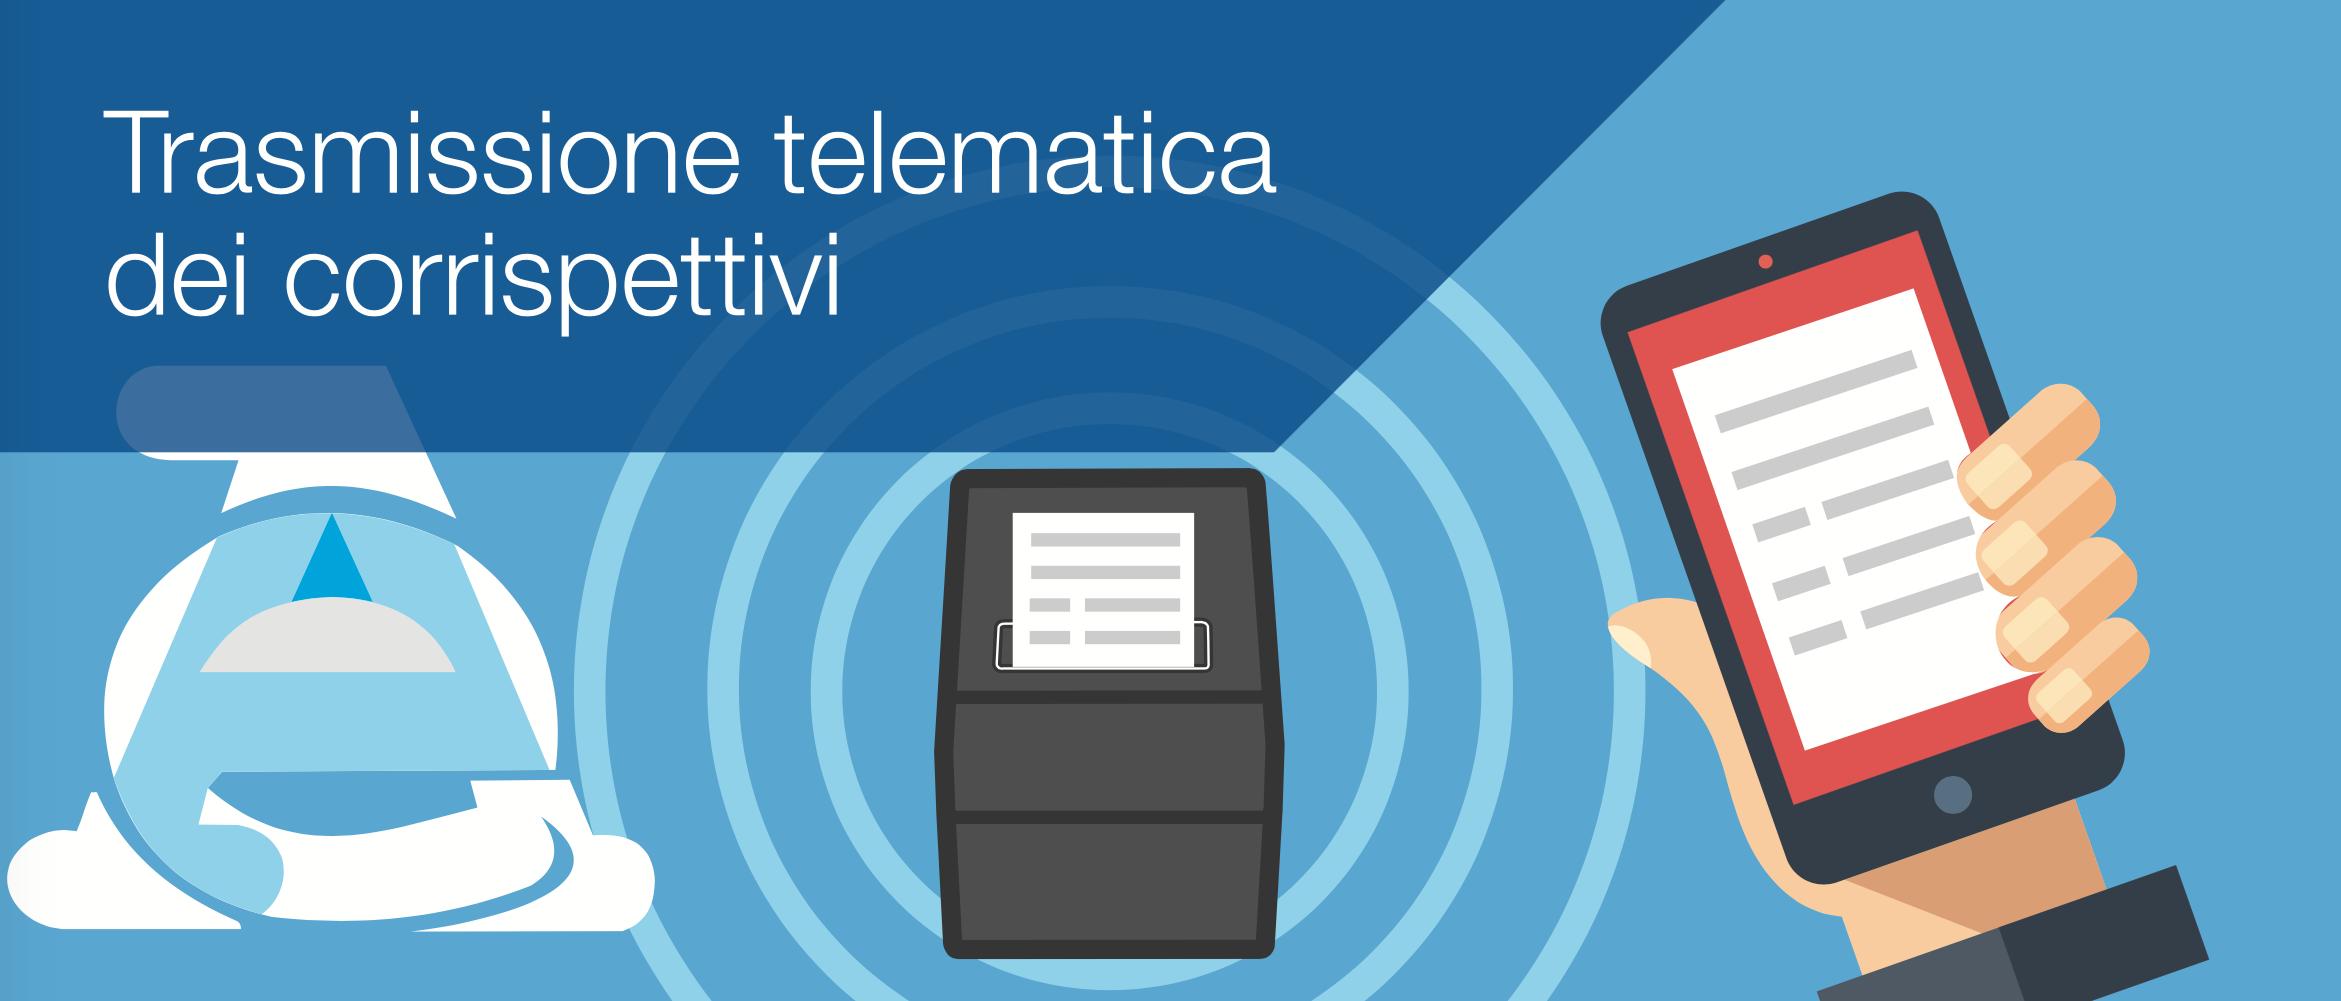 trasmissione telematica - blog studio lucci